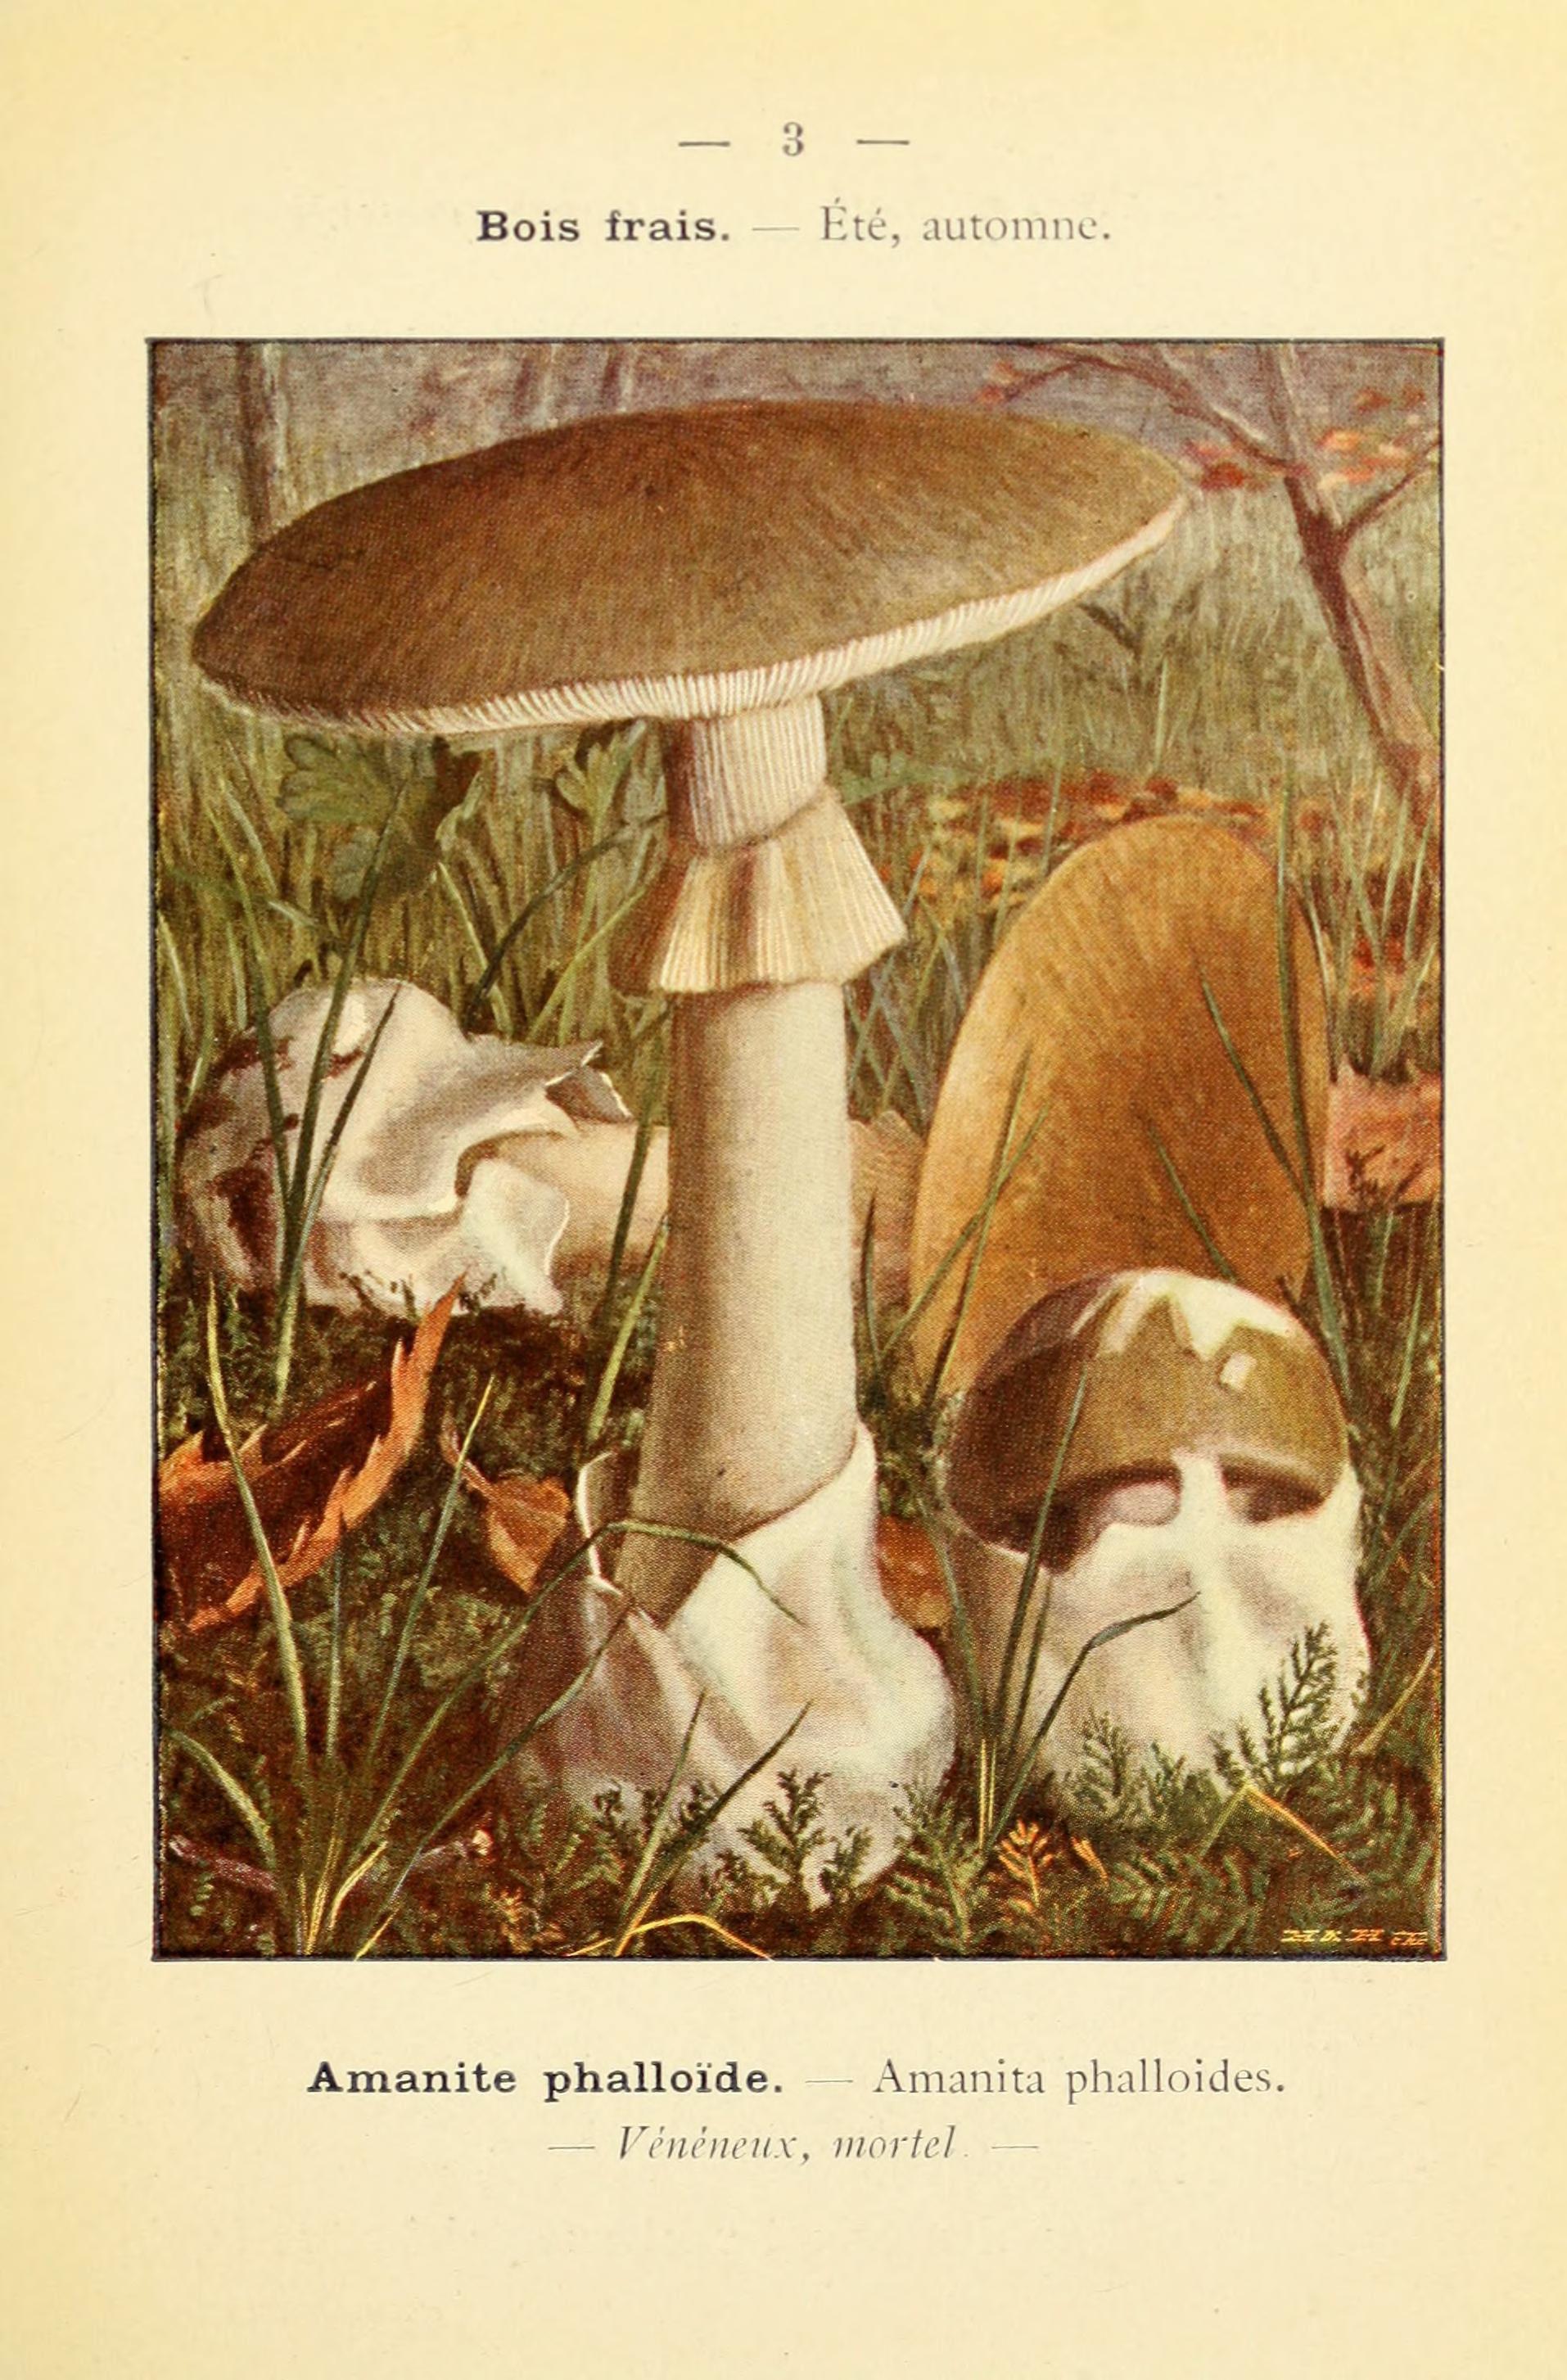 Image of Death cap